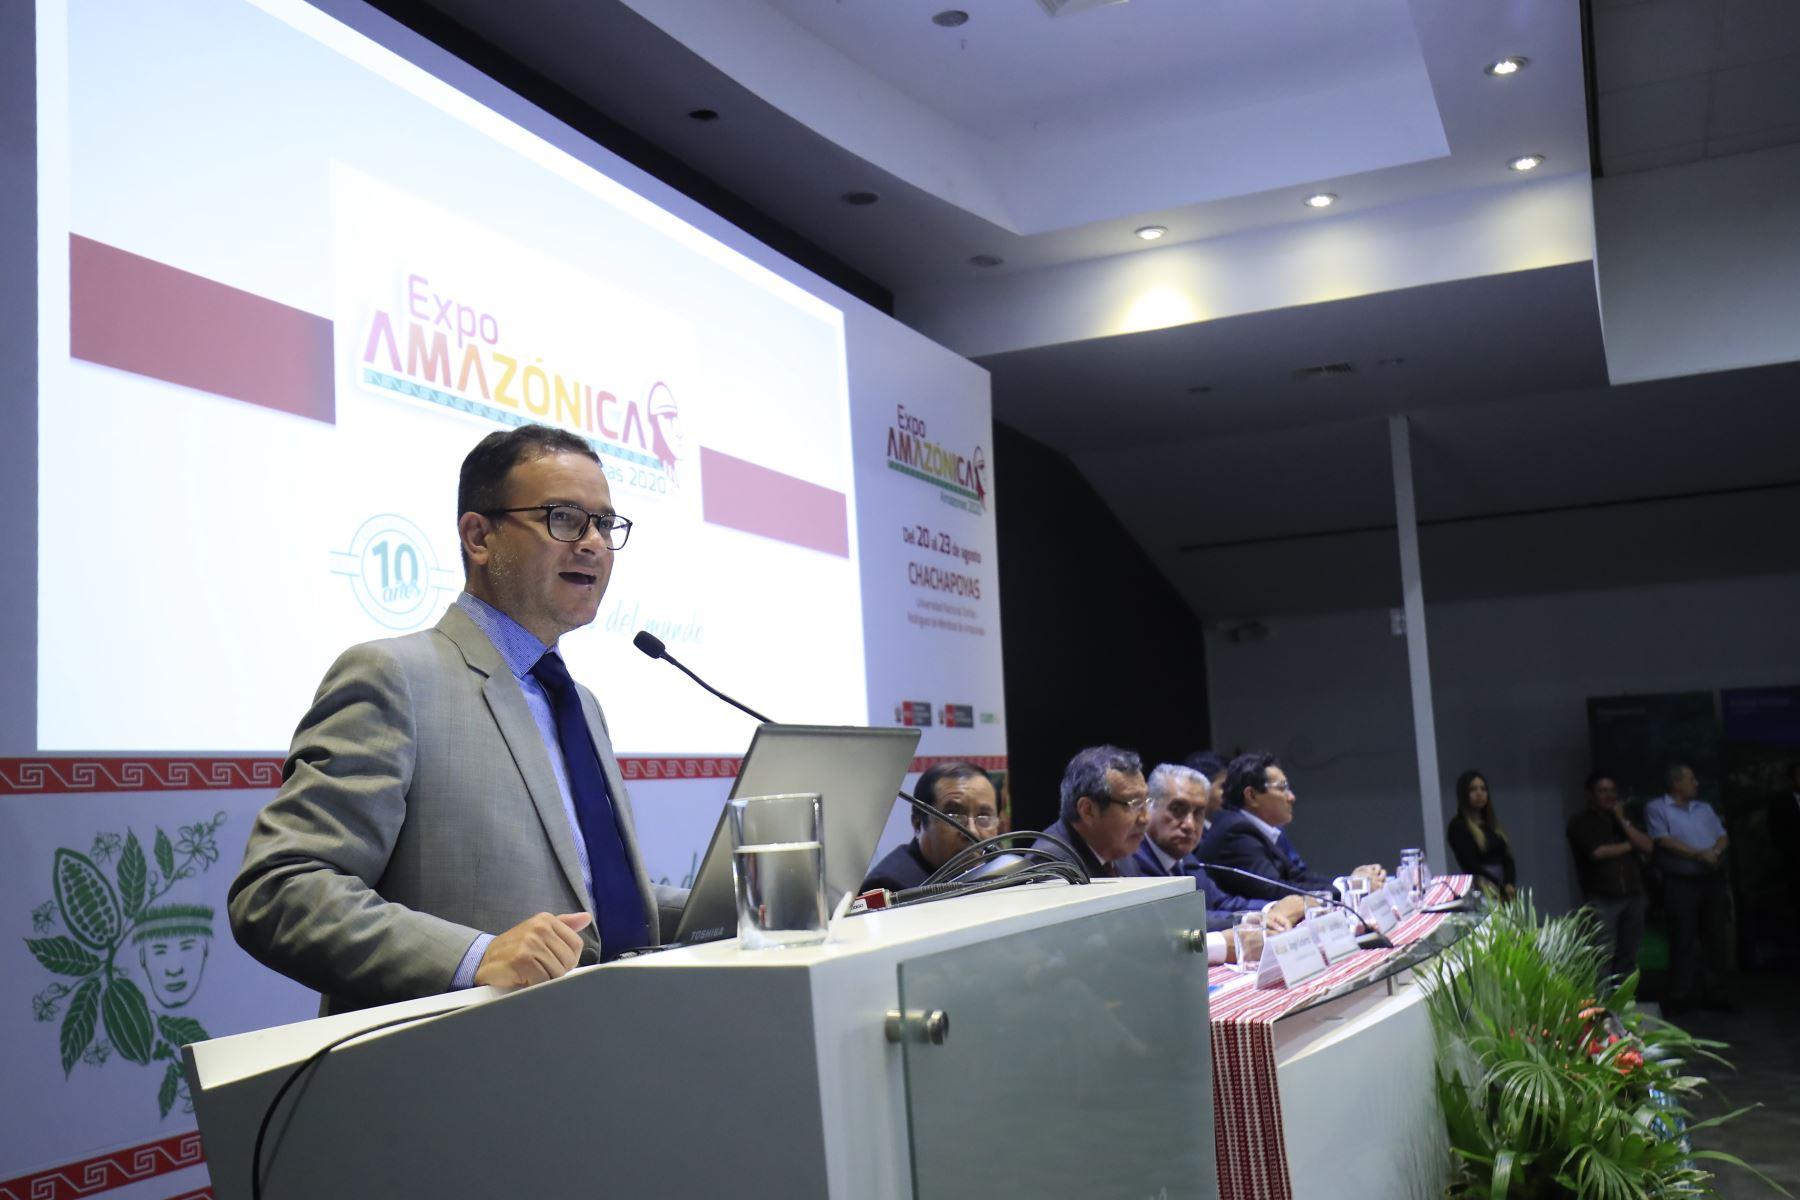 El ministro de Turismo y Comercio Exterior, Edgar Vásquez, presenta el evento Expoamazónica 2020-Chachapoyas, la más importante feria de promoción y negocios de la Amazonía. Foto: ANDINA/ Juan Carlos Guzmán